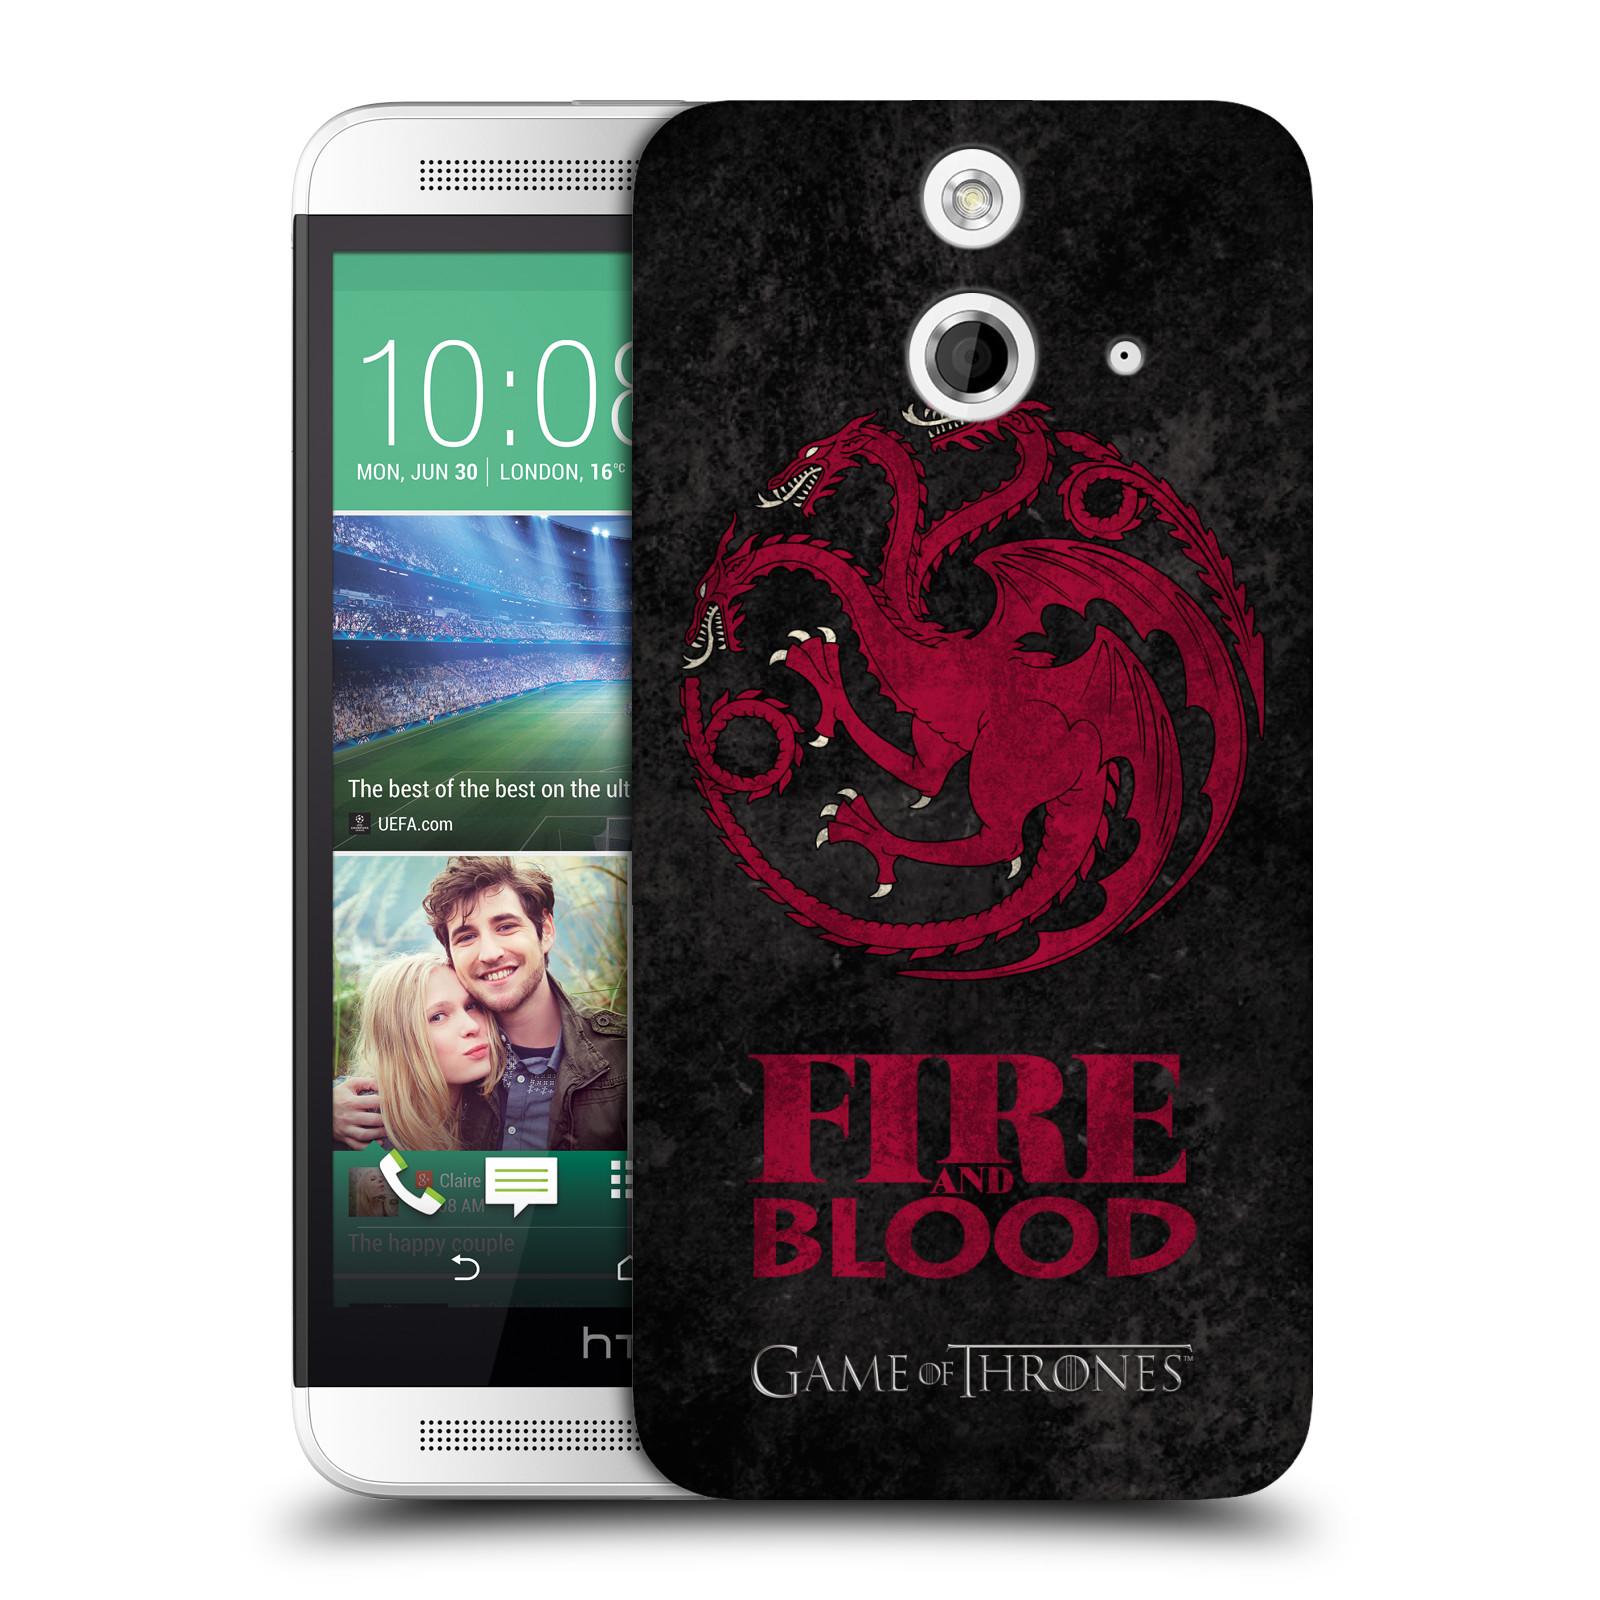 Plastové pouzdro na mobil HTC ONE E8 HEAD CASE Hra o trůny - Sigils Targaryen - Fire and Blood (Plastový kryt či obal na mobilní telefon s licencovaným motivem Hra o trůny - Game Of Thrones pro HTC ONE E8)